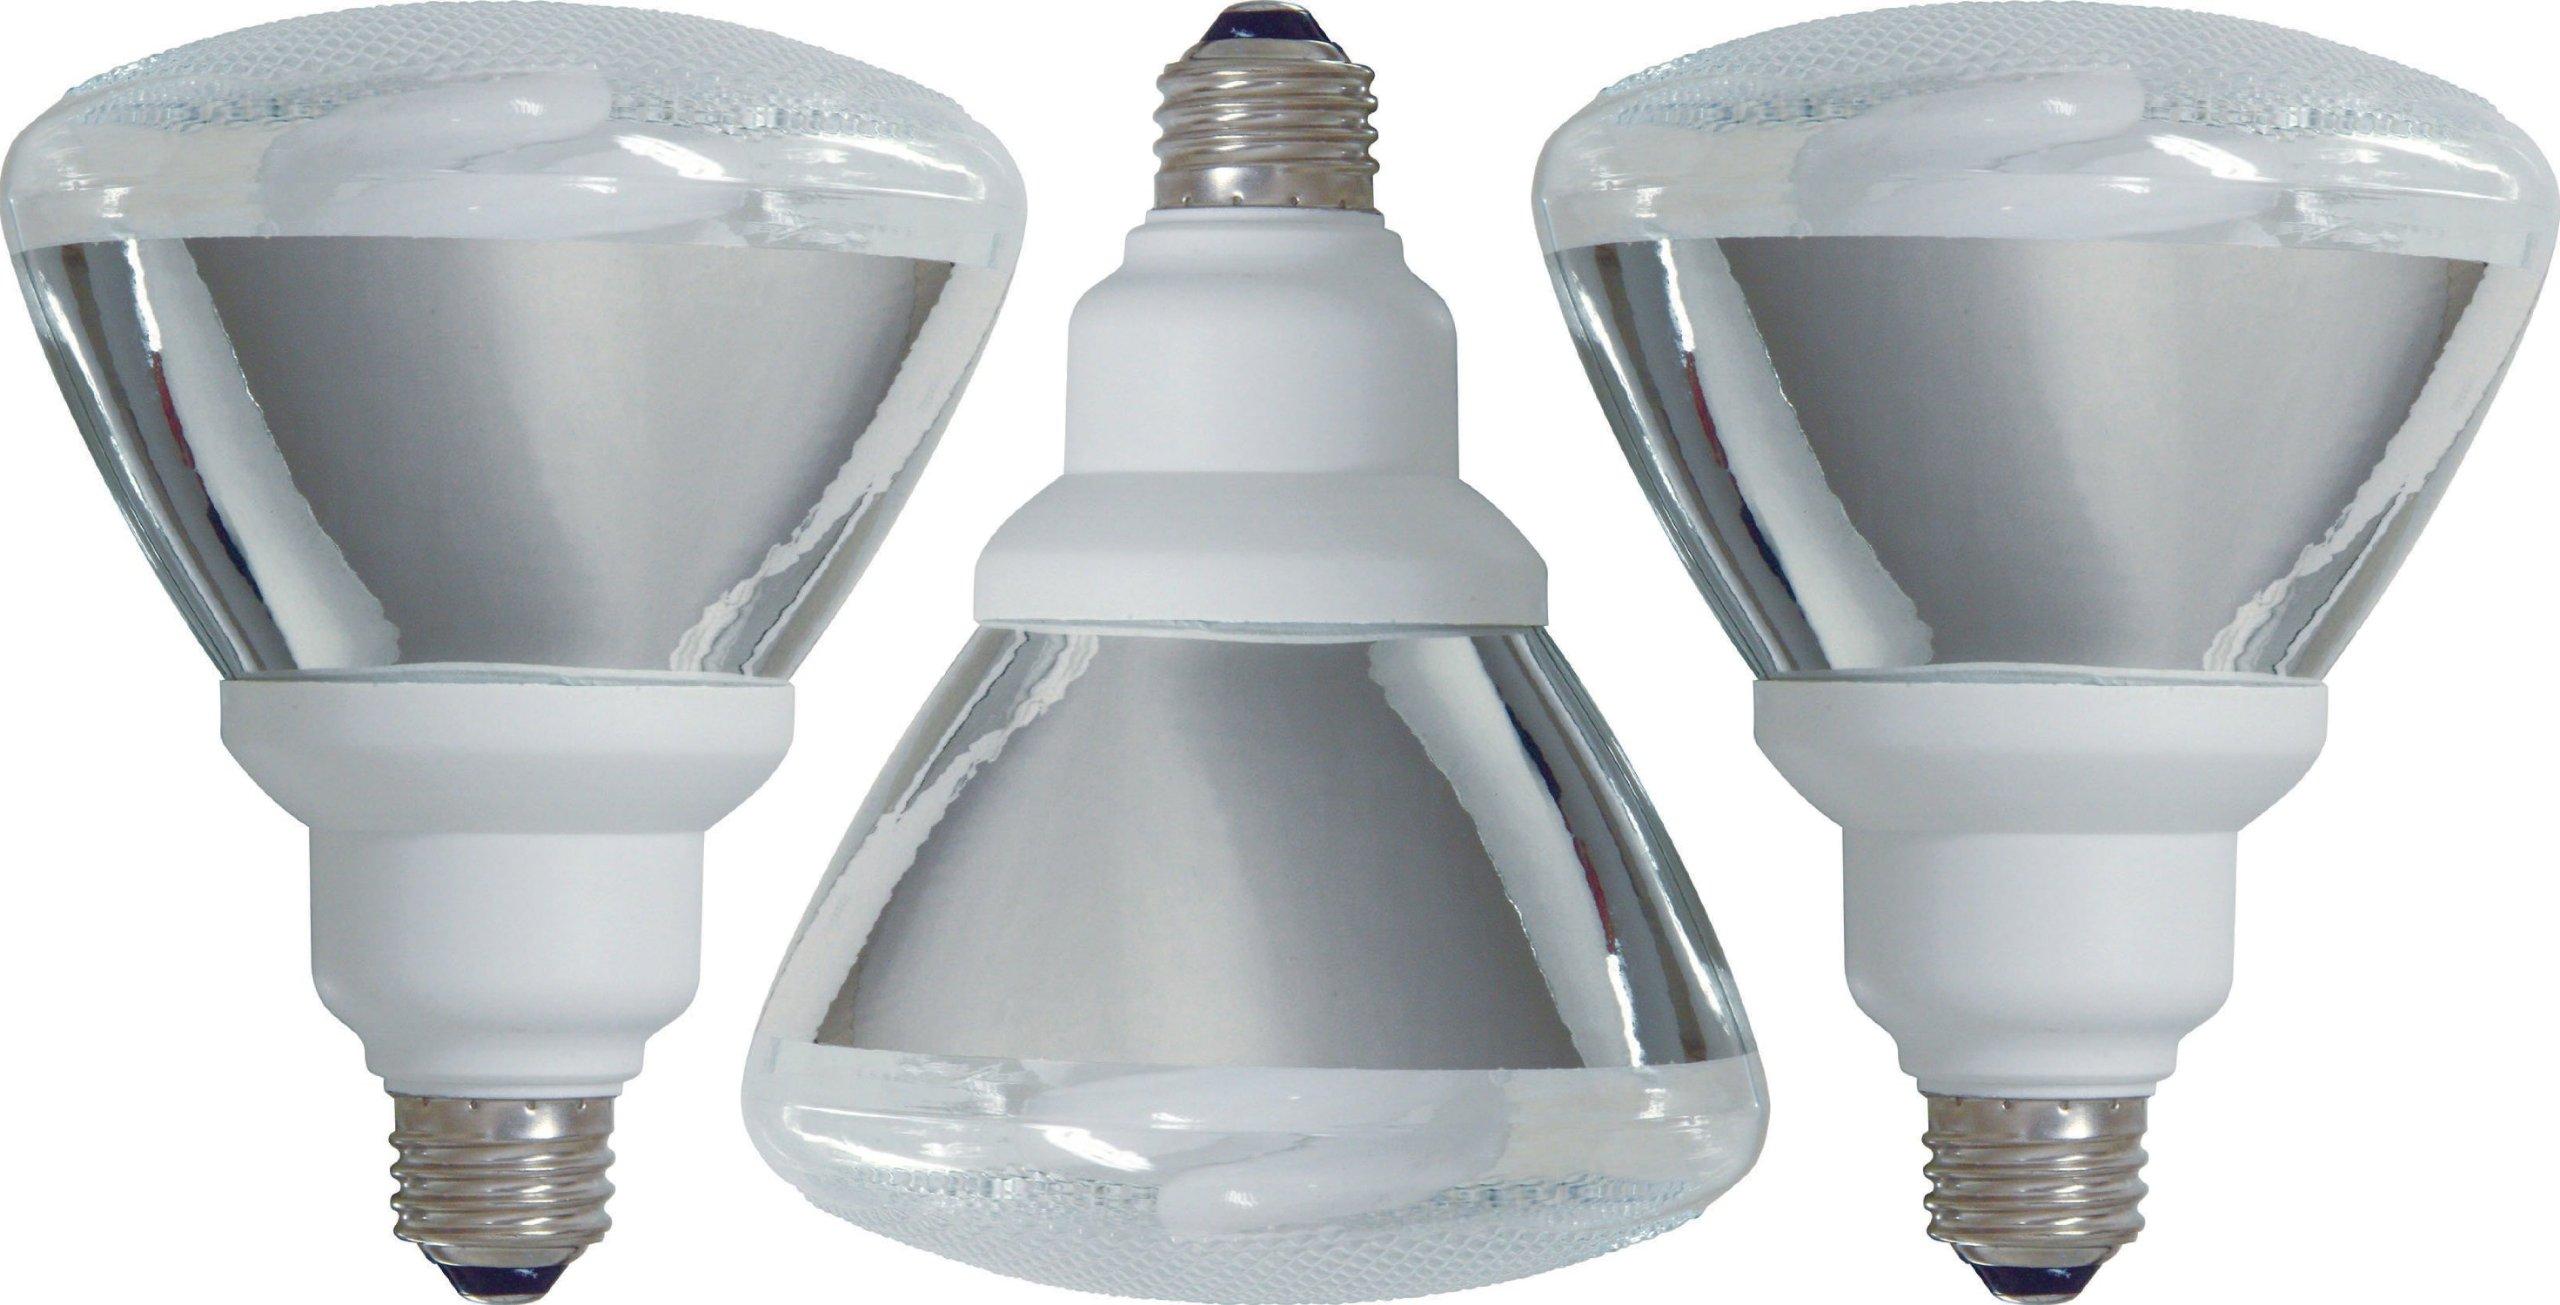 GE Lighting 47483 Energy Smart CFL 26-Watt (100-watt replacement) 1300-Lumen PAR38 Floodlight Bulb with Medium Base, 3-Pack